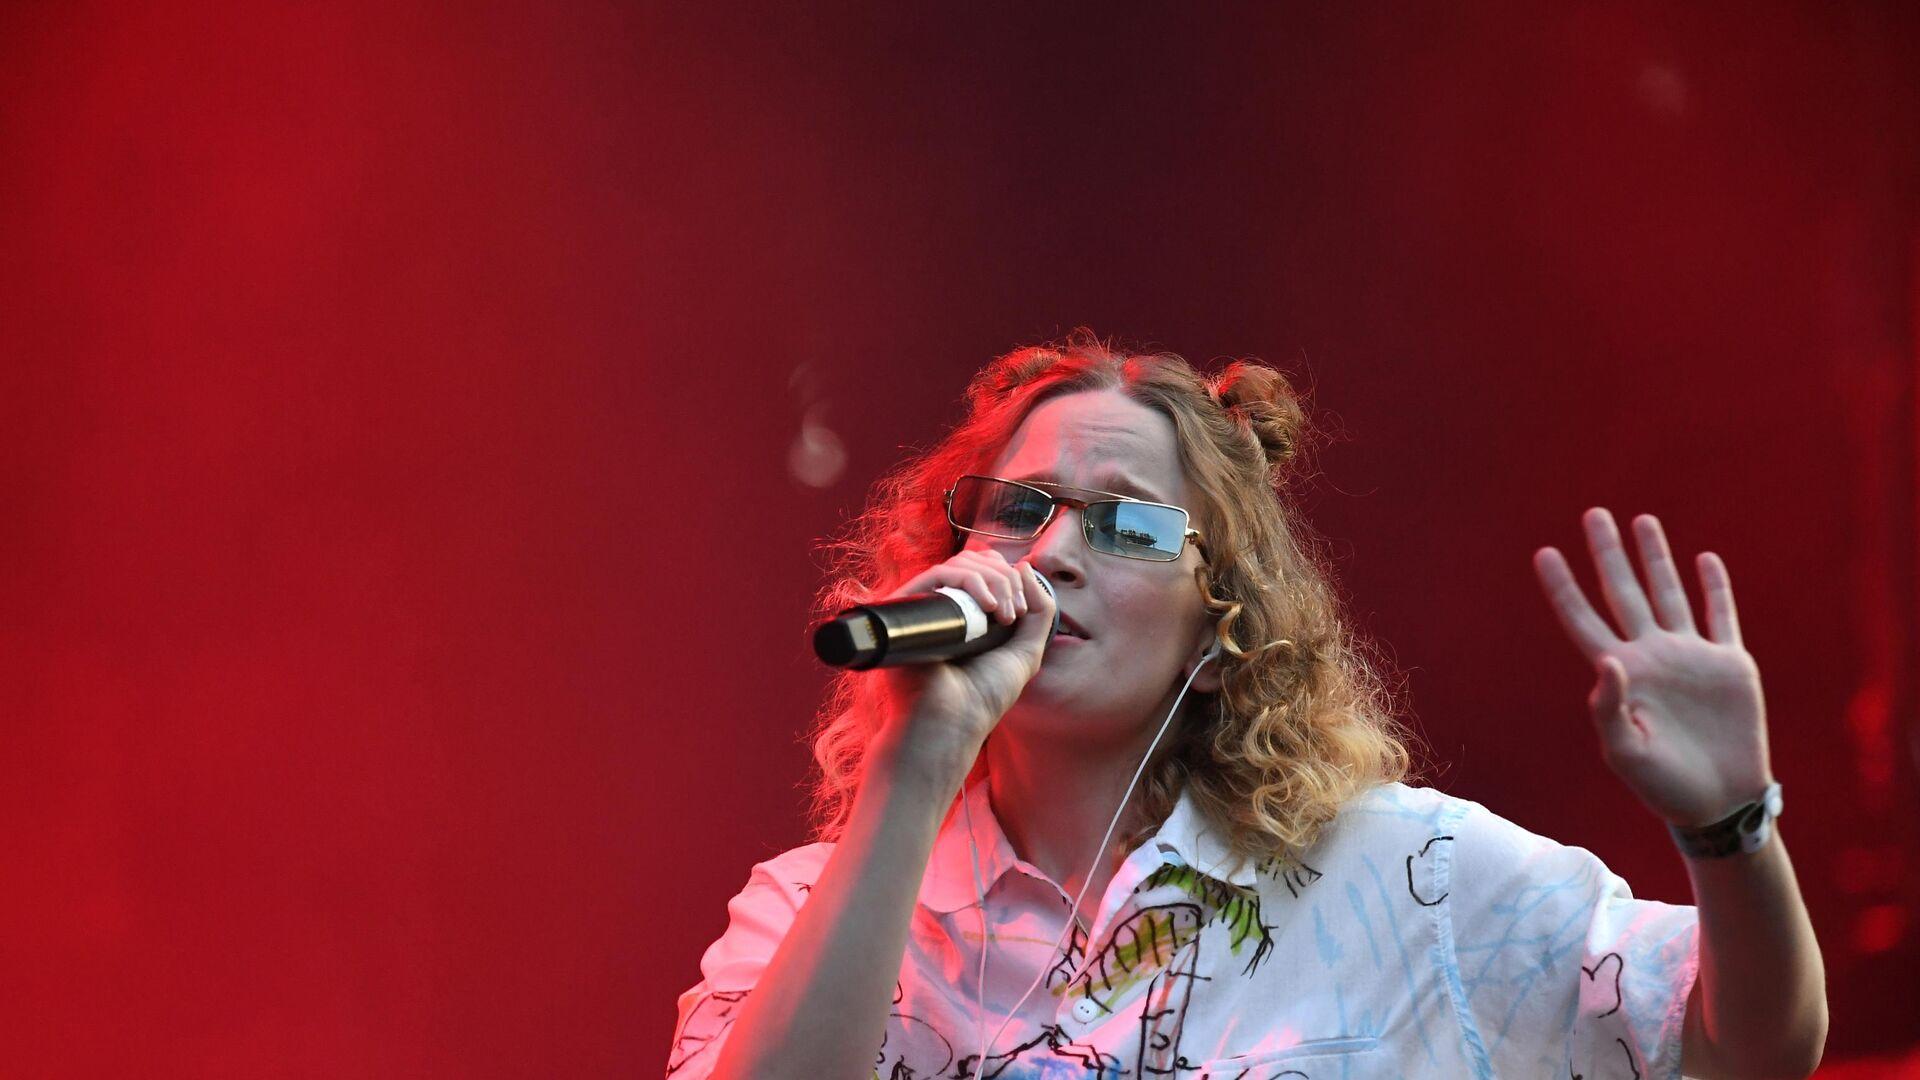 Певица Монеточка выступает на фестивале Боль в культурном центре ЗИЛ в Москве - РИА Новости, 1920, 26.07.2021